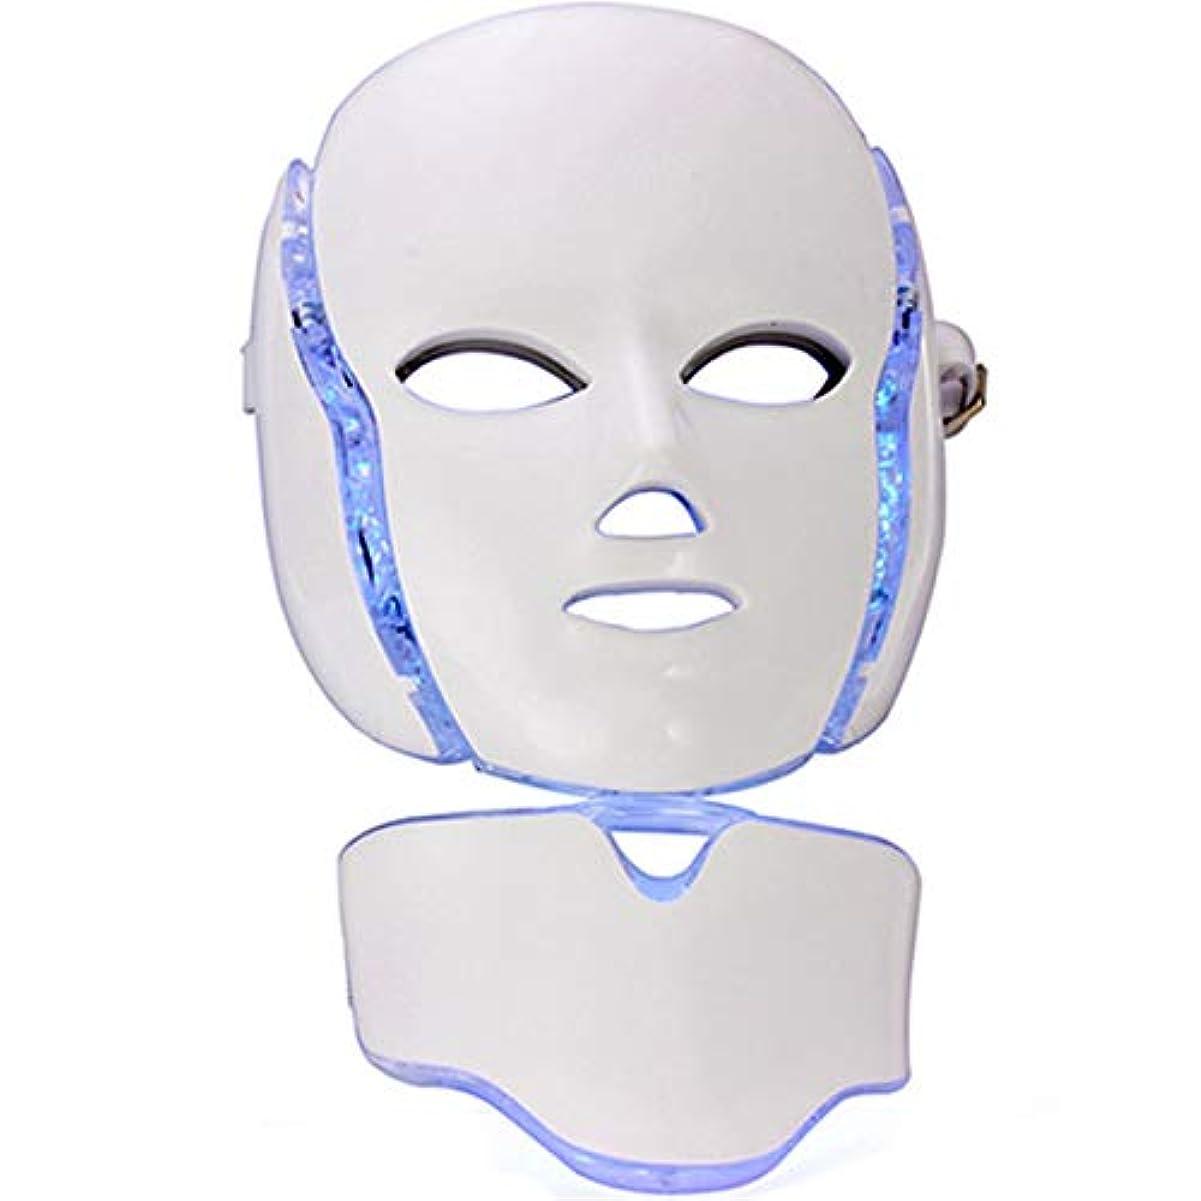 句かすれたプライバシー光エステ LED美顔器 7色 美顔マスク 首ユニット付き たるみ ほうれい線 美肌 ニキビ対策 コラーゲン生成 美白 エイジングケア